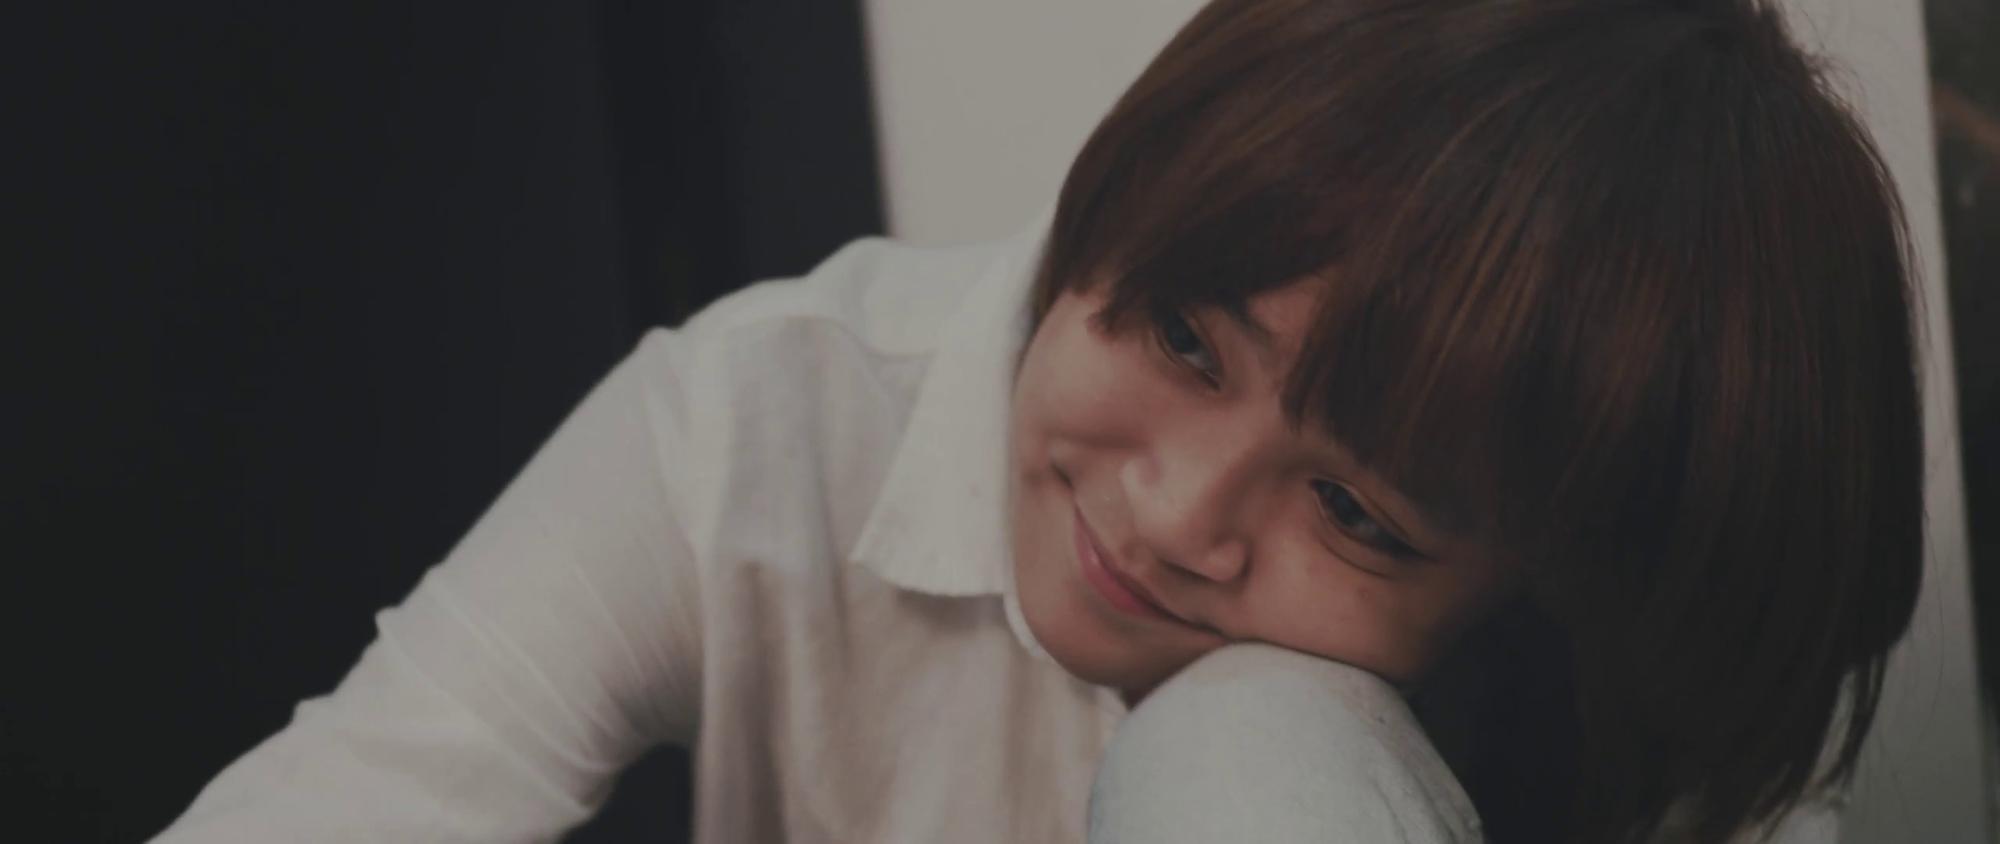 Cậu bé đáng yêu như thiên thần trong MV Đã lỡ yêu em nhiều của JustaTee là ai?-2